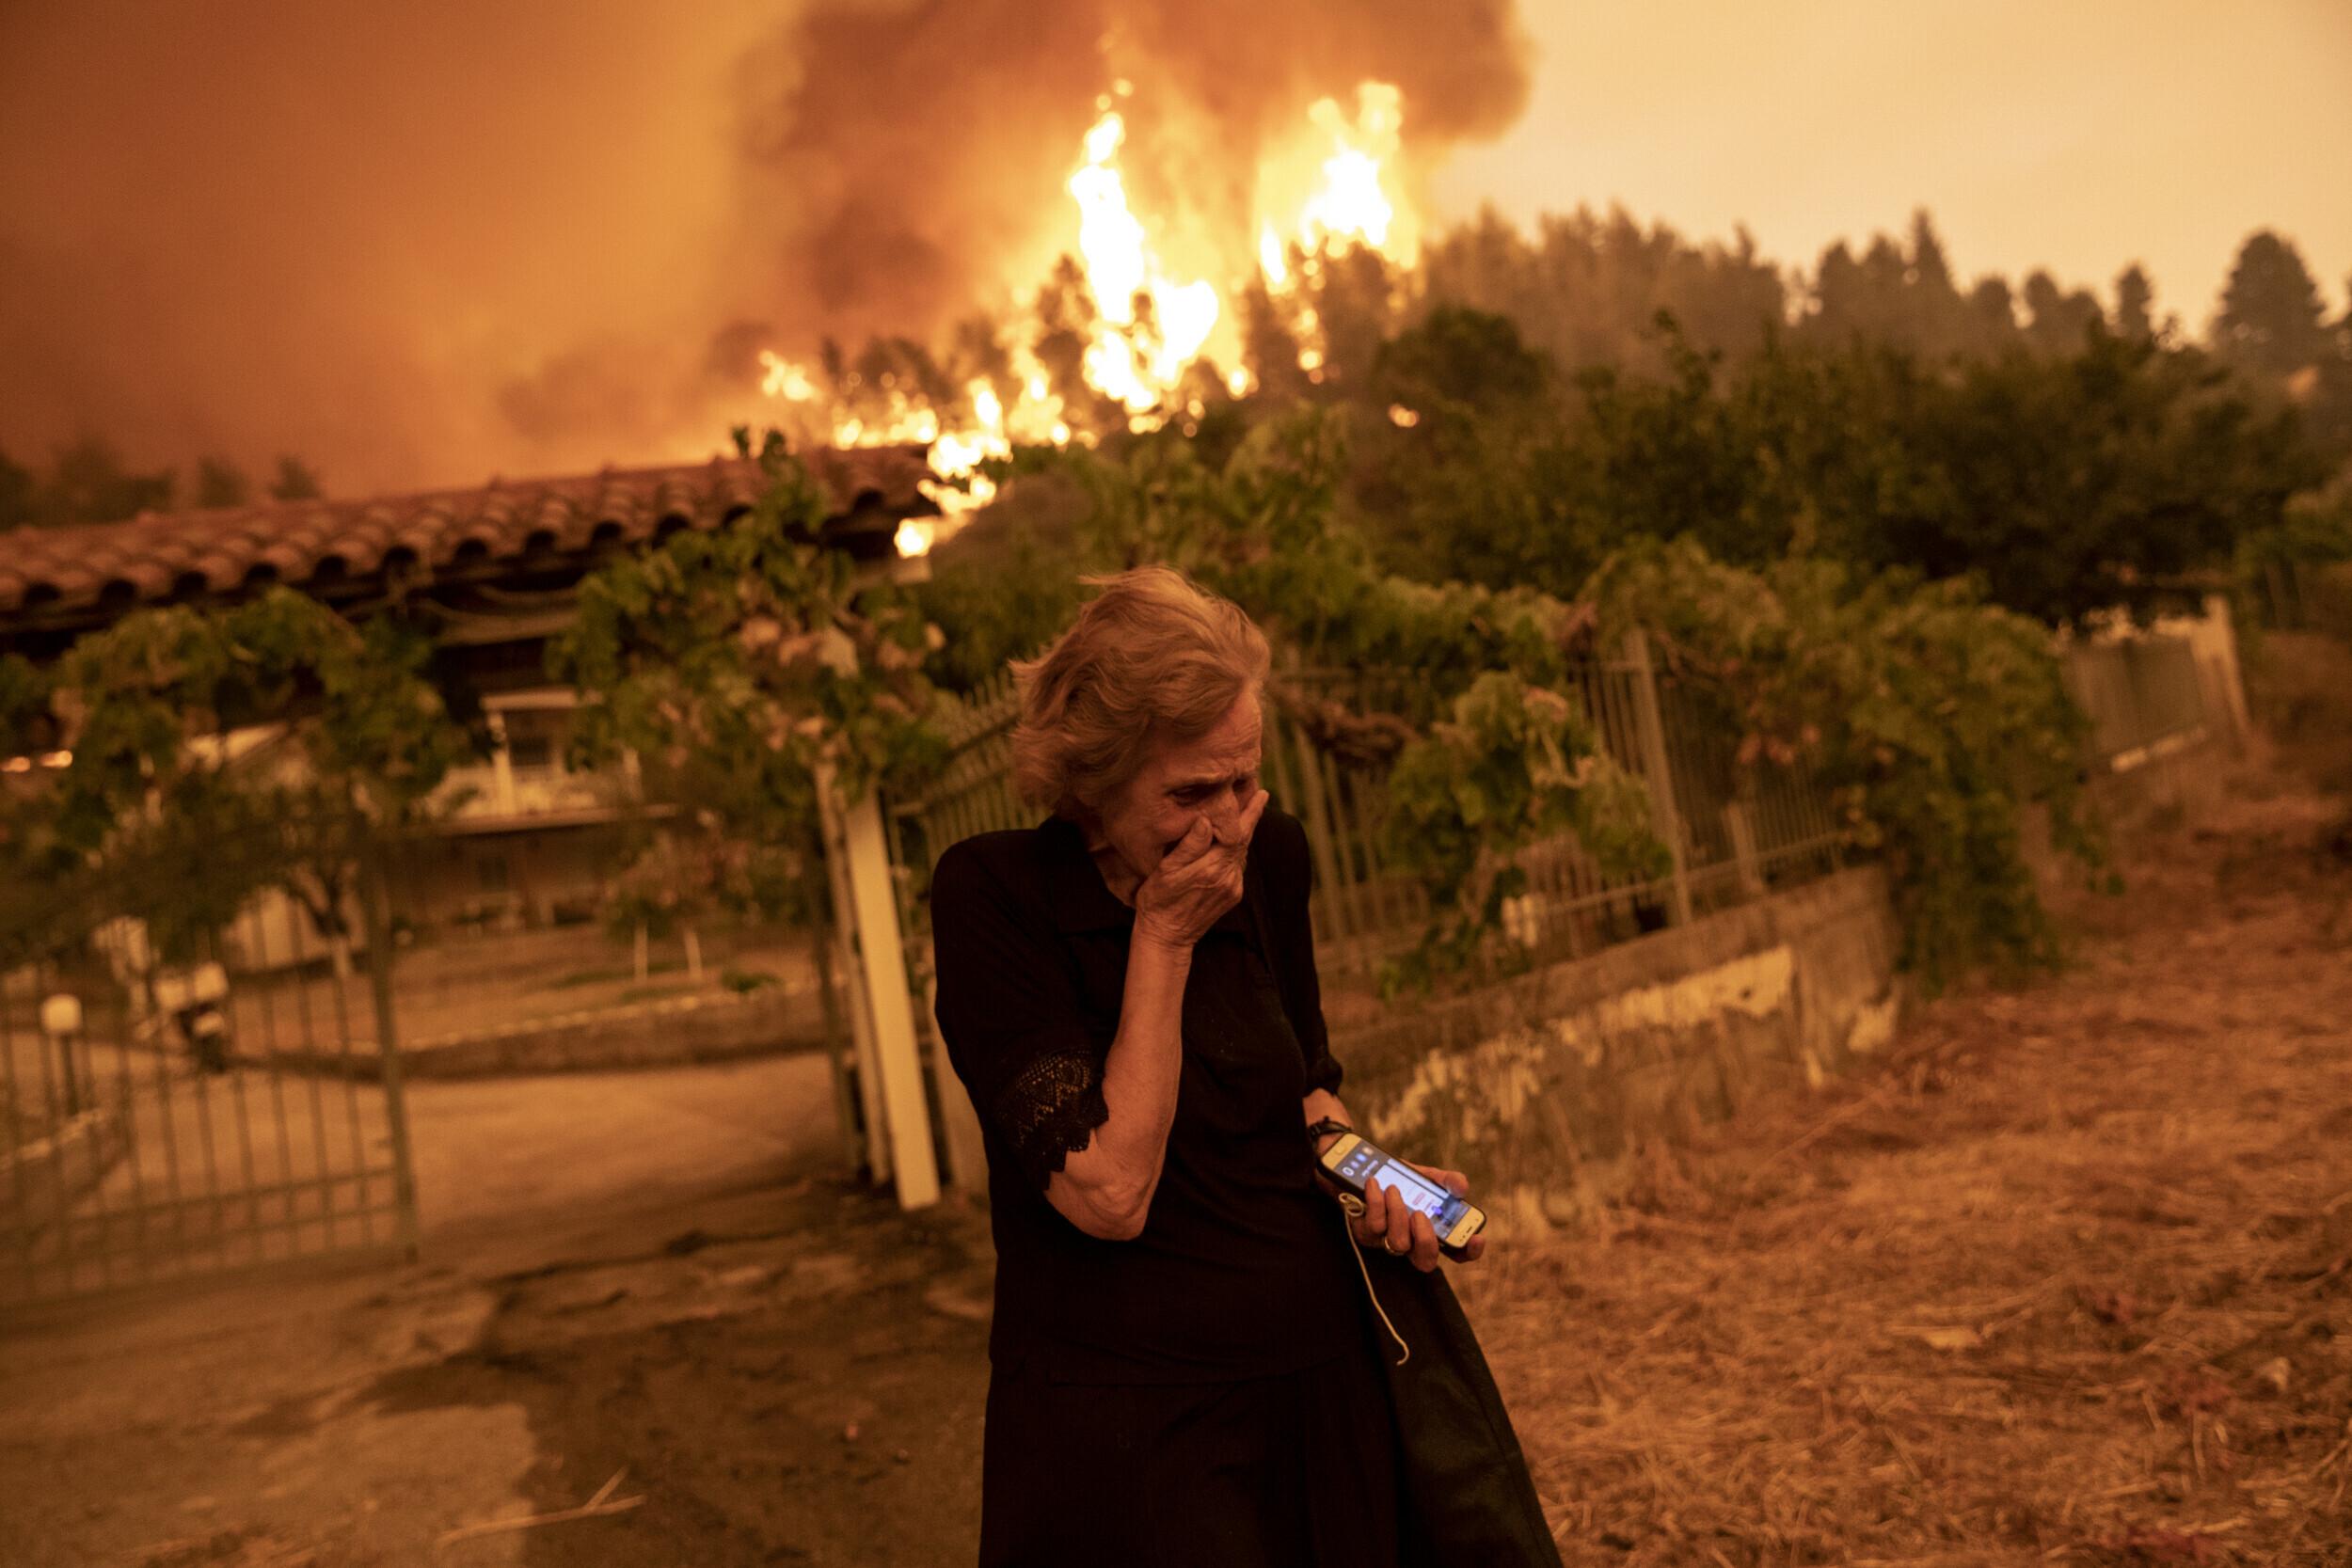 Οικο-κτονία: Ένα «έγκλημα» κατά της ανθρωπότητας